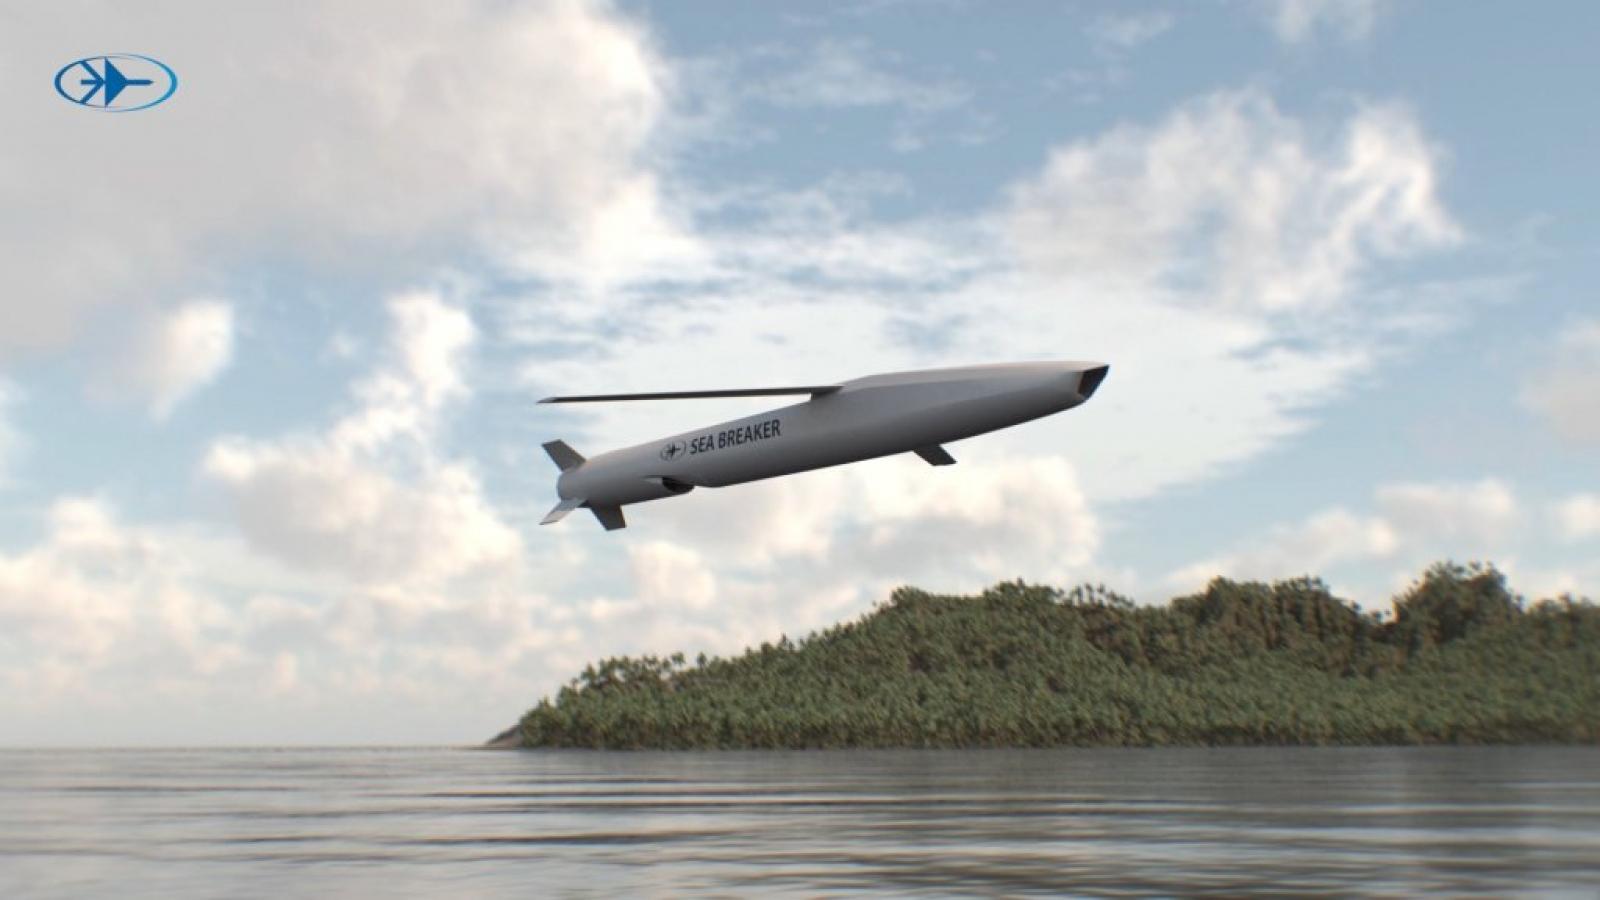 Israel tiết lộ hệ thống tên lửa bán tự động diệt gọn tàu khu trục trong 1 lần xuất kích